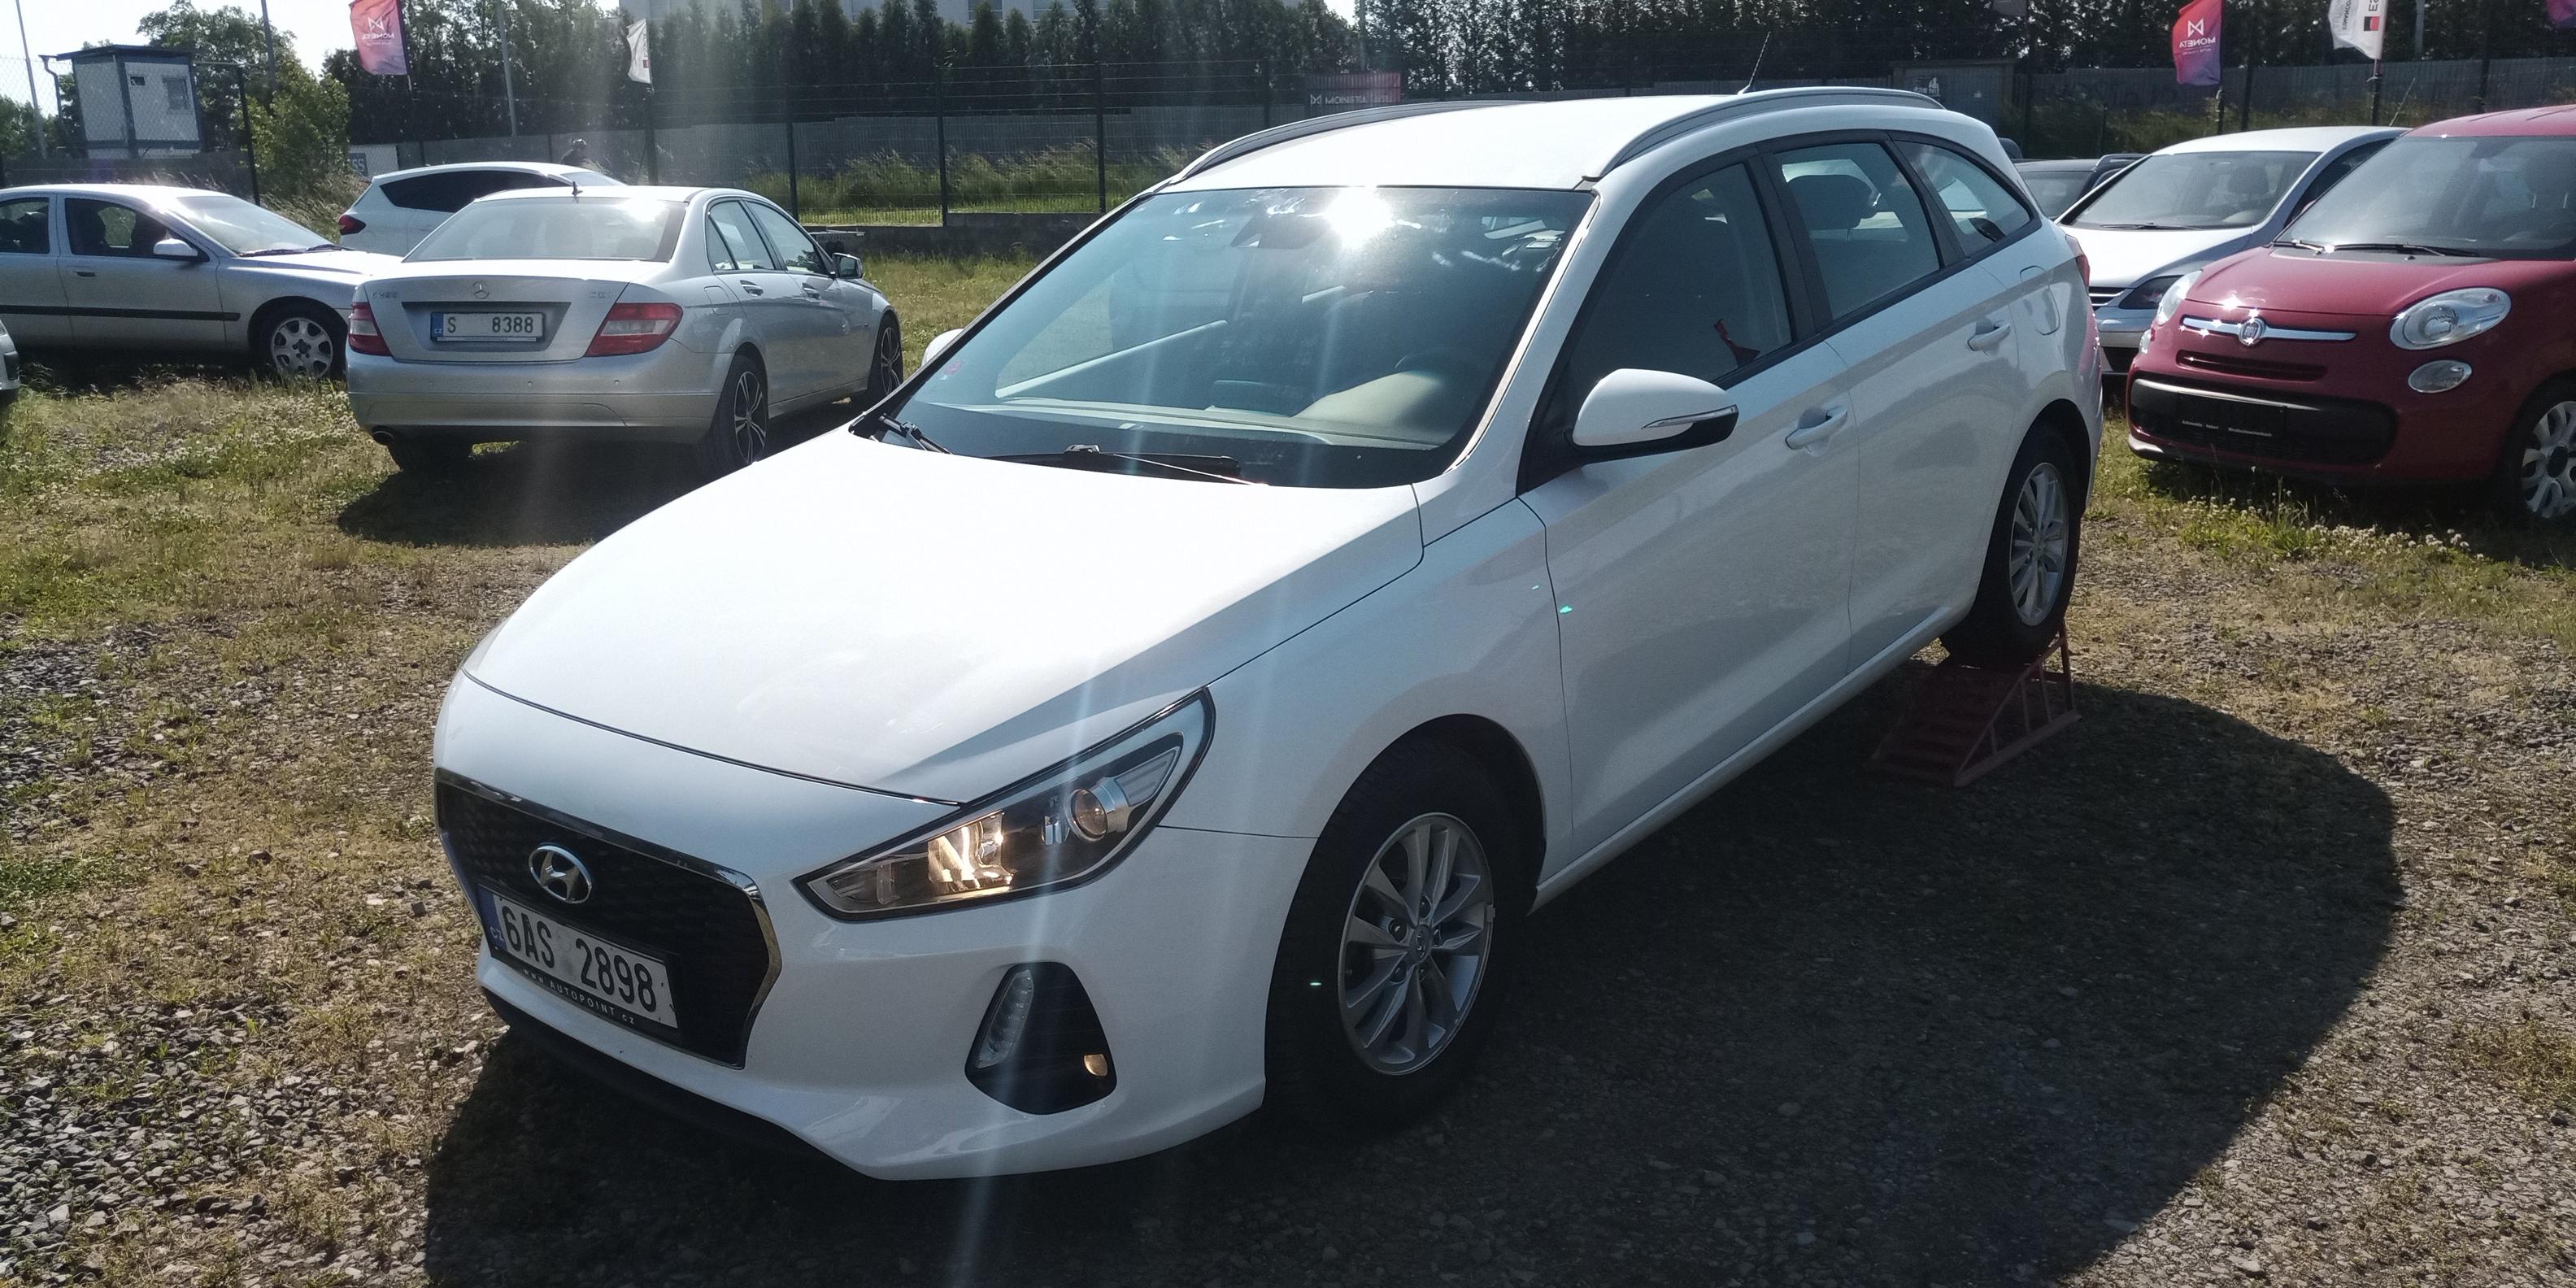 Hyundai i30 1.6 CRDi 81kW TriKomfort,ČR,Temp,ALU,Led,DPH